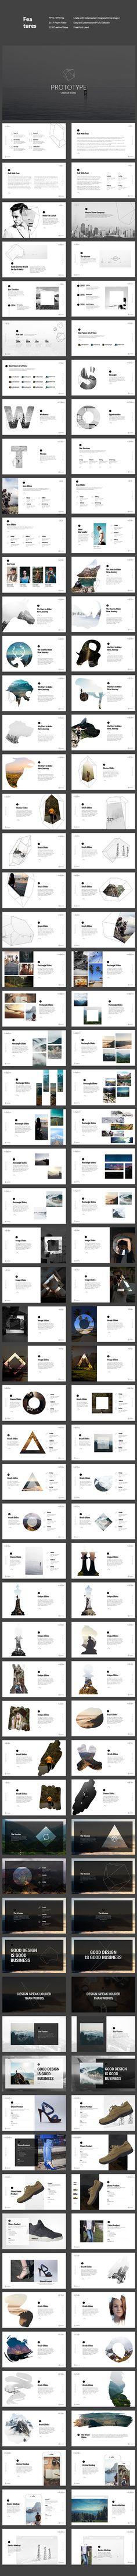 Prototype Powerpoint (PowerPoint Templates)